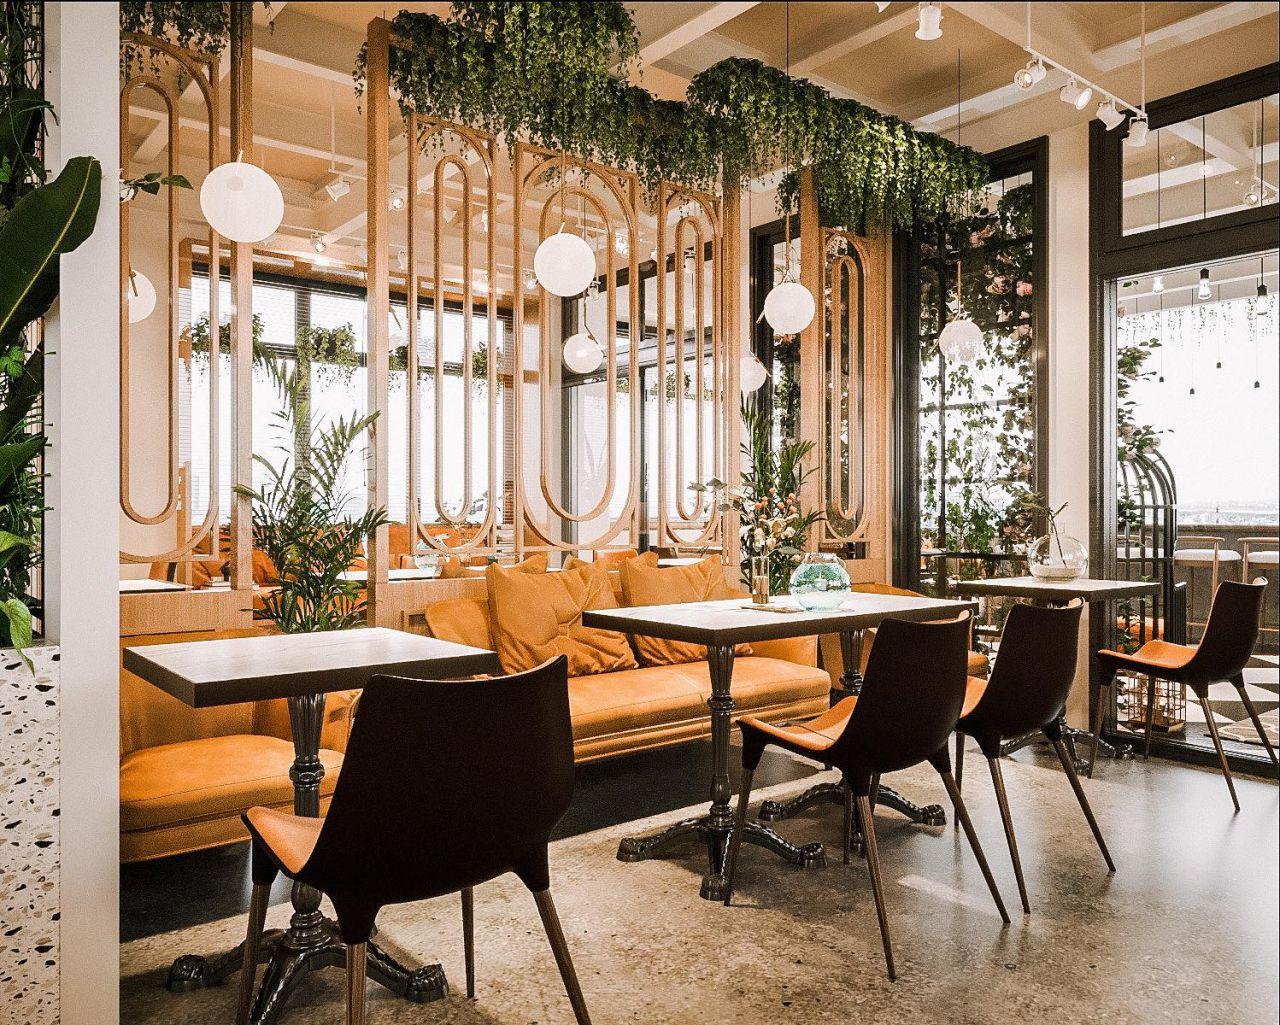 Trang trí thiết kế quán cà phê đẹp tại TPHCM